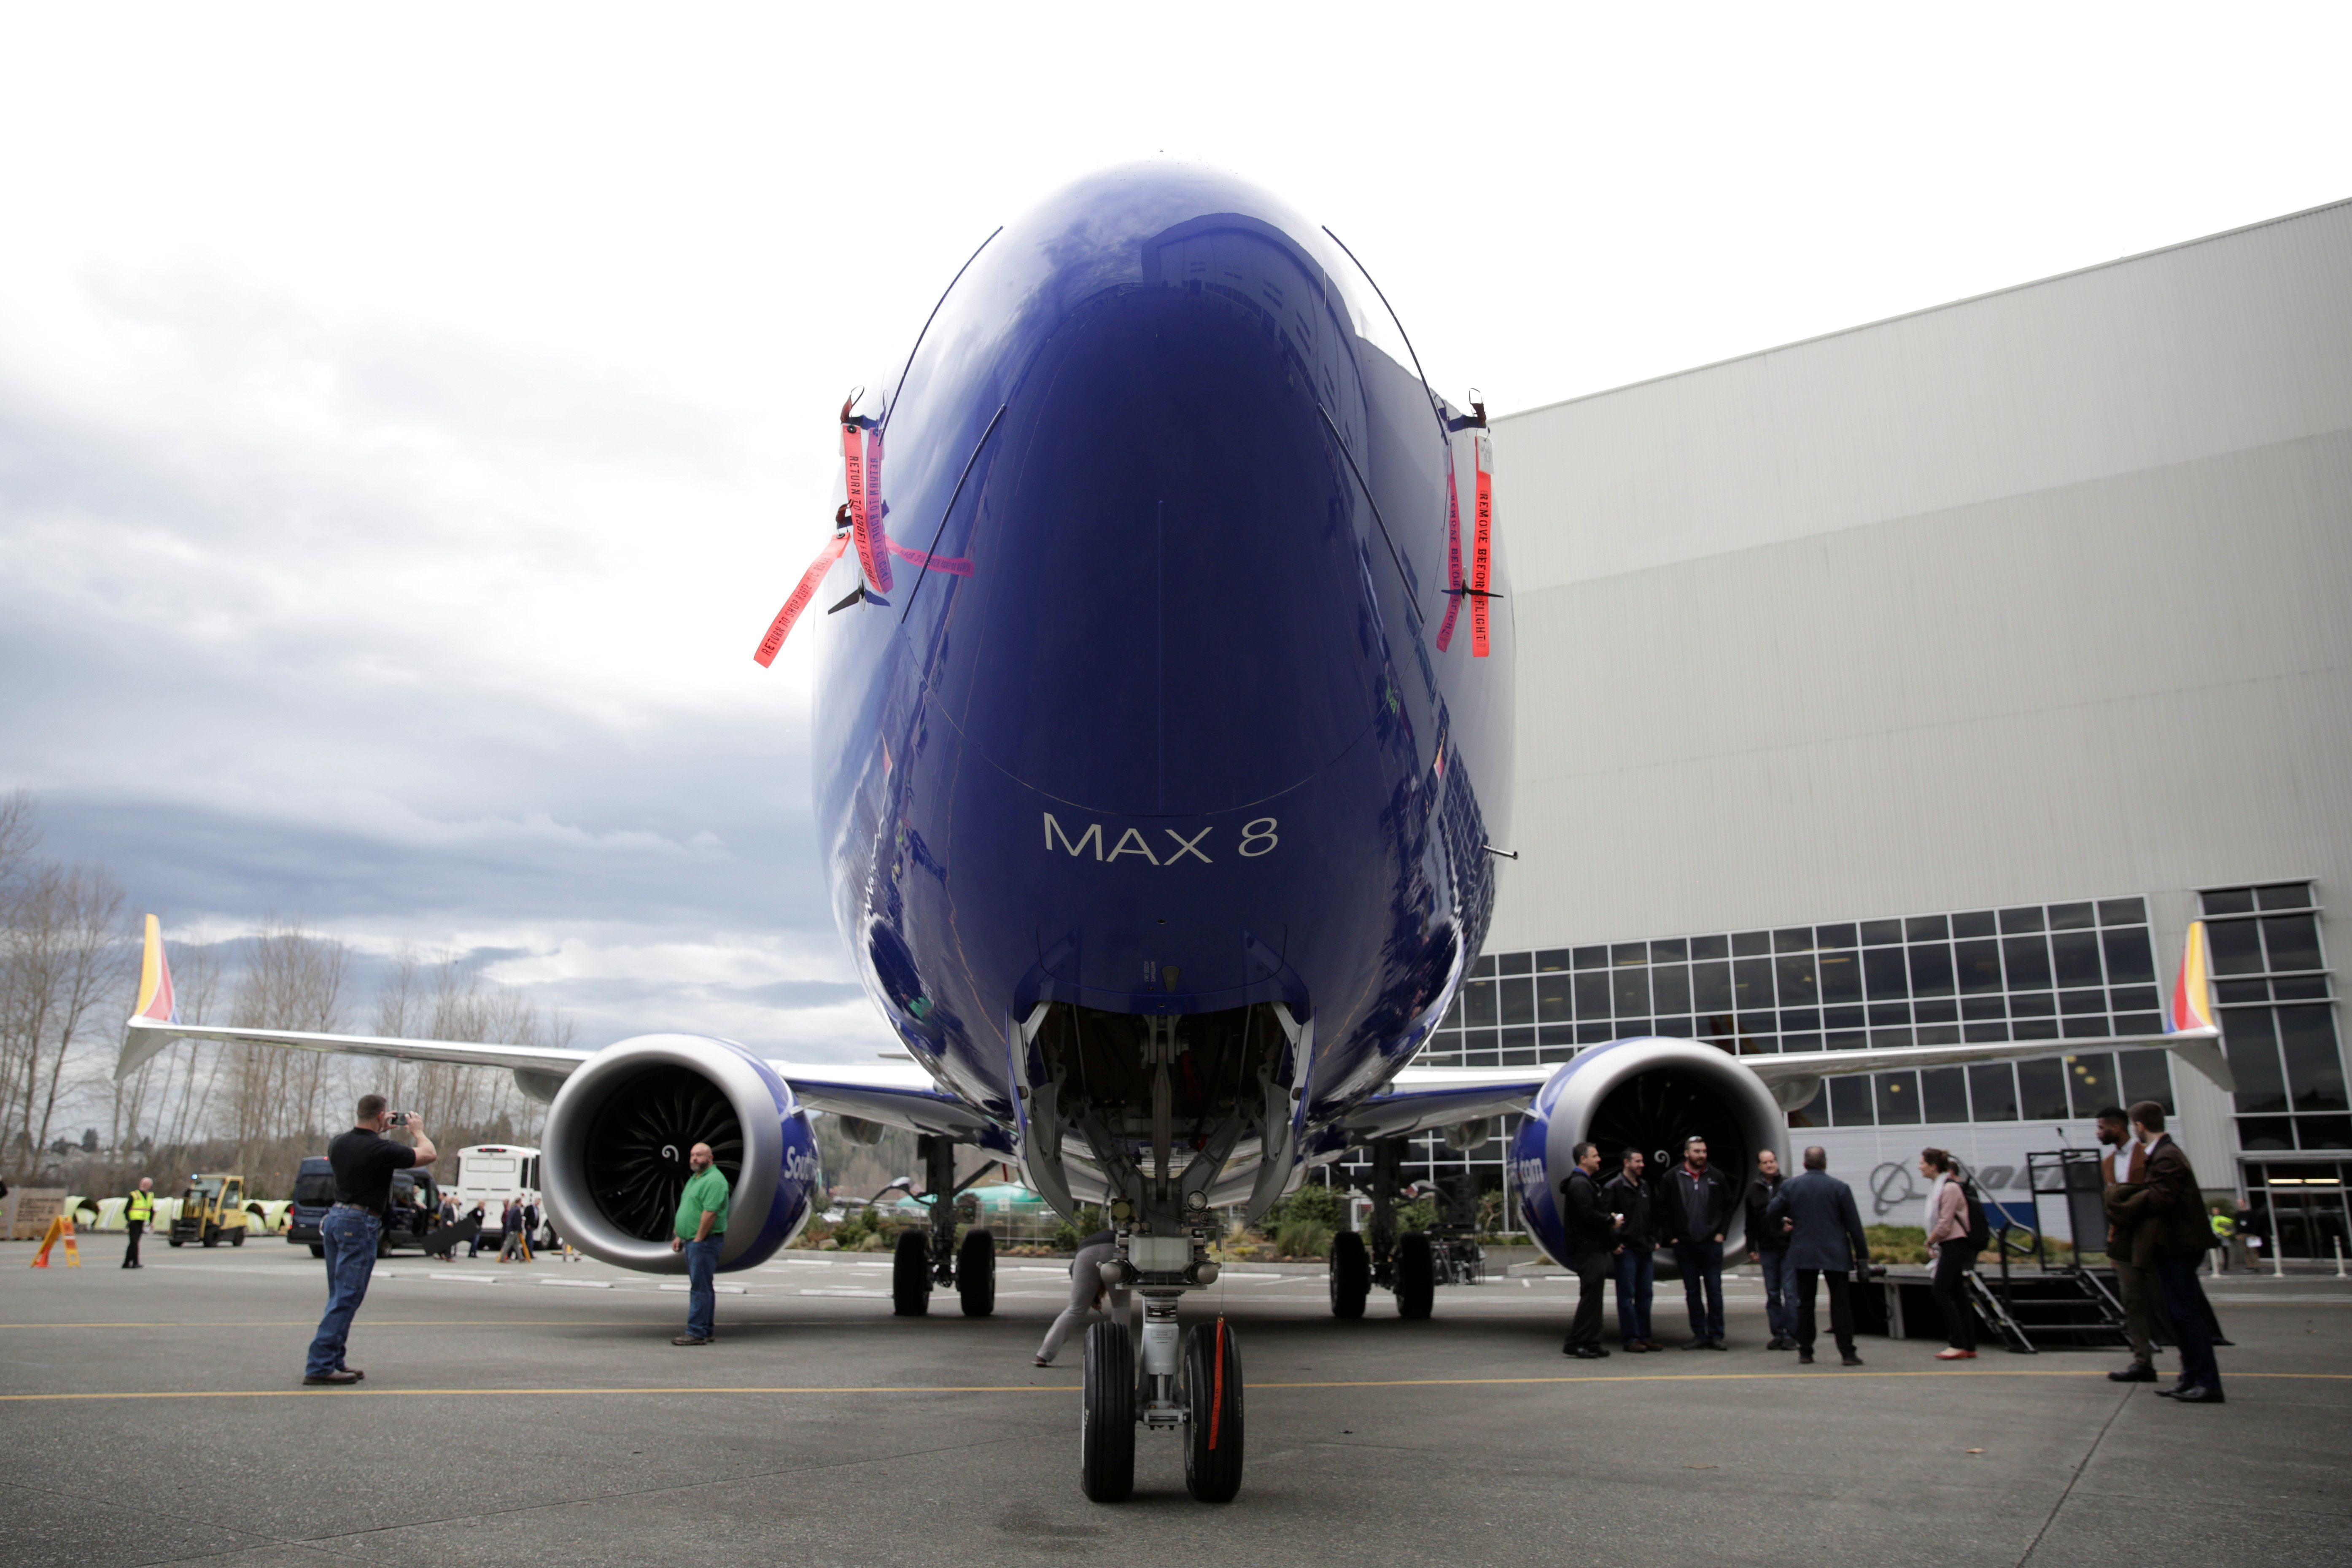 Υπάρχουν προβλήματα με τα Boeing 737 Max; Όσα γνωρίζουμε μέχρι